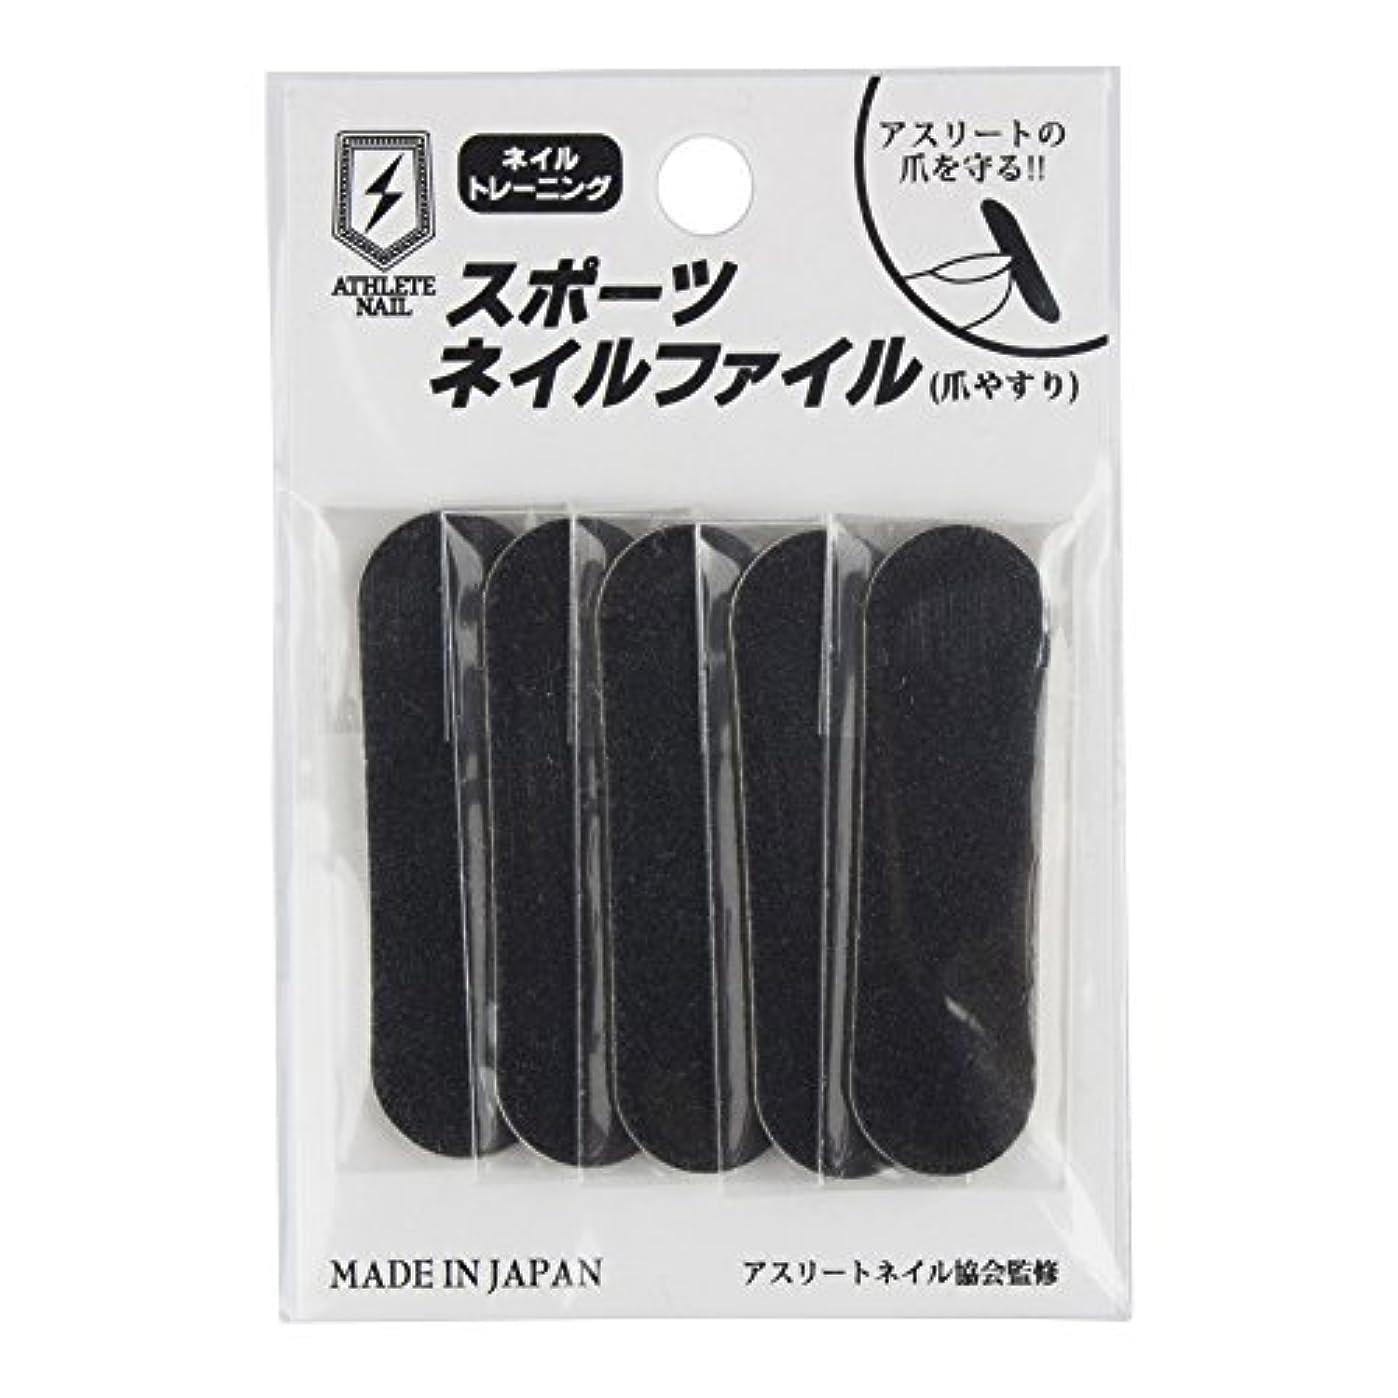 一元化するユニークな平日アスリートネイル(Athlete Nail) スポーツネイルファイル 爪やすり 12個セット 13553